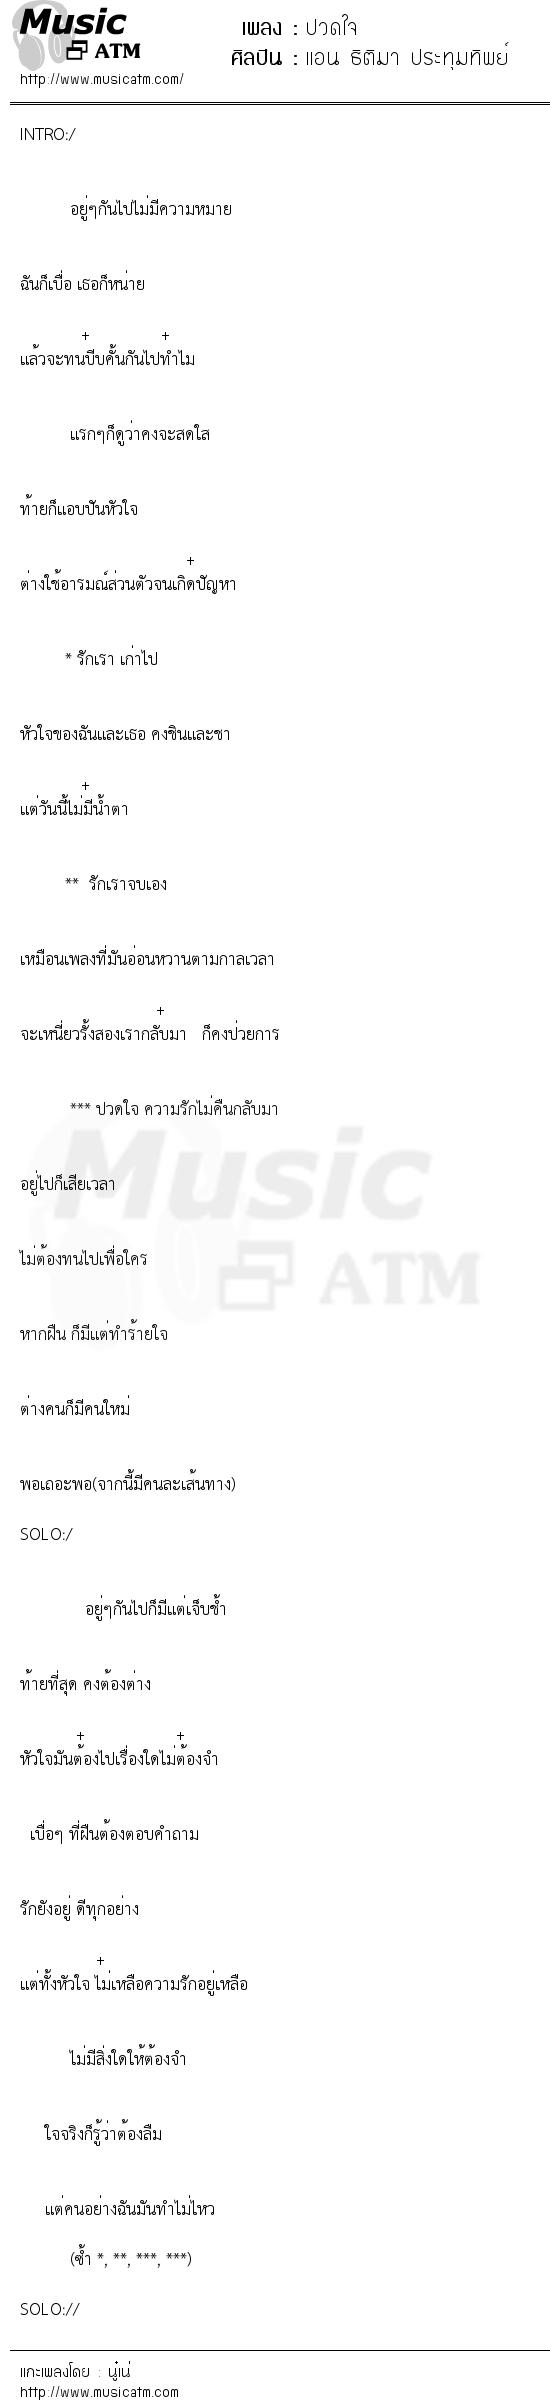 เนื้อเพลง ปวดใจ - แอน ธิติมา ประทุมทิพย์ | เพลงไทย